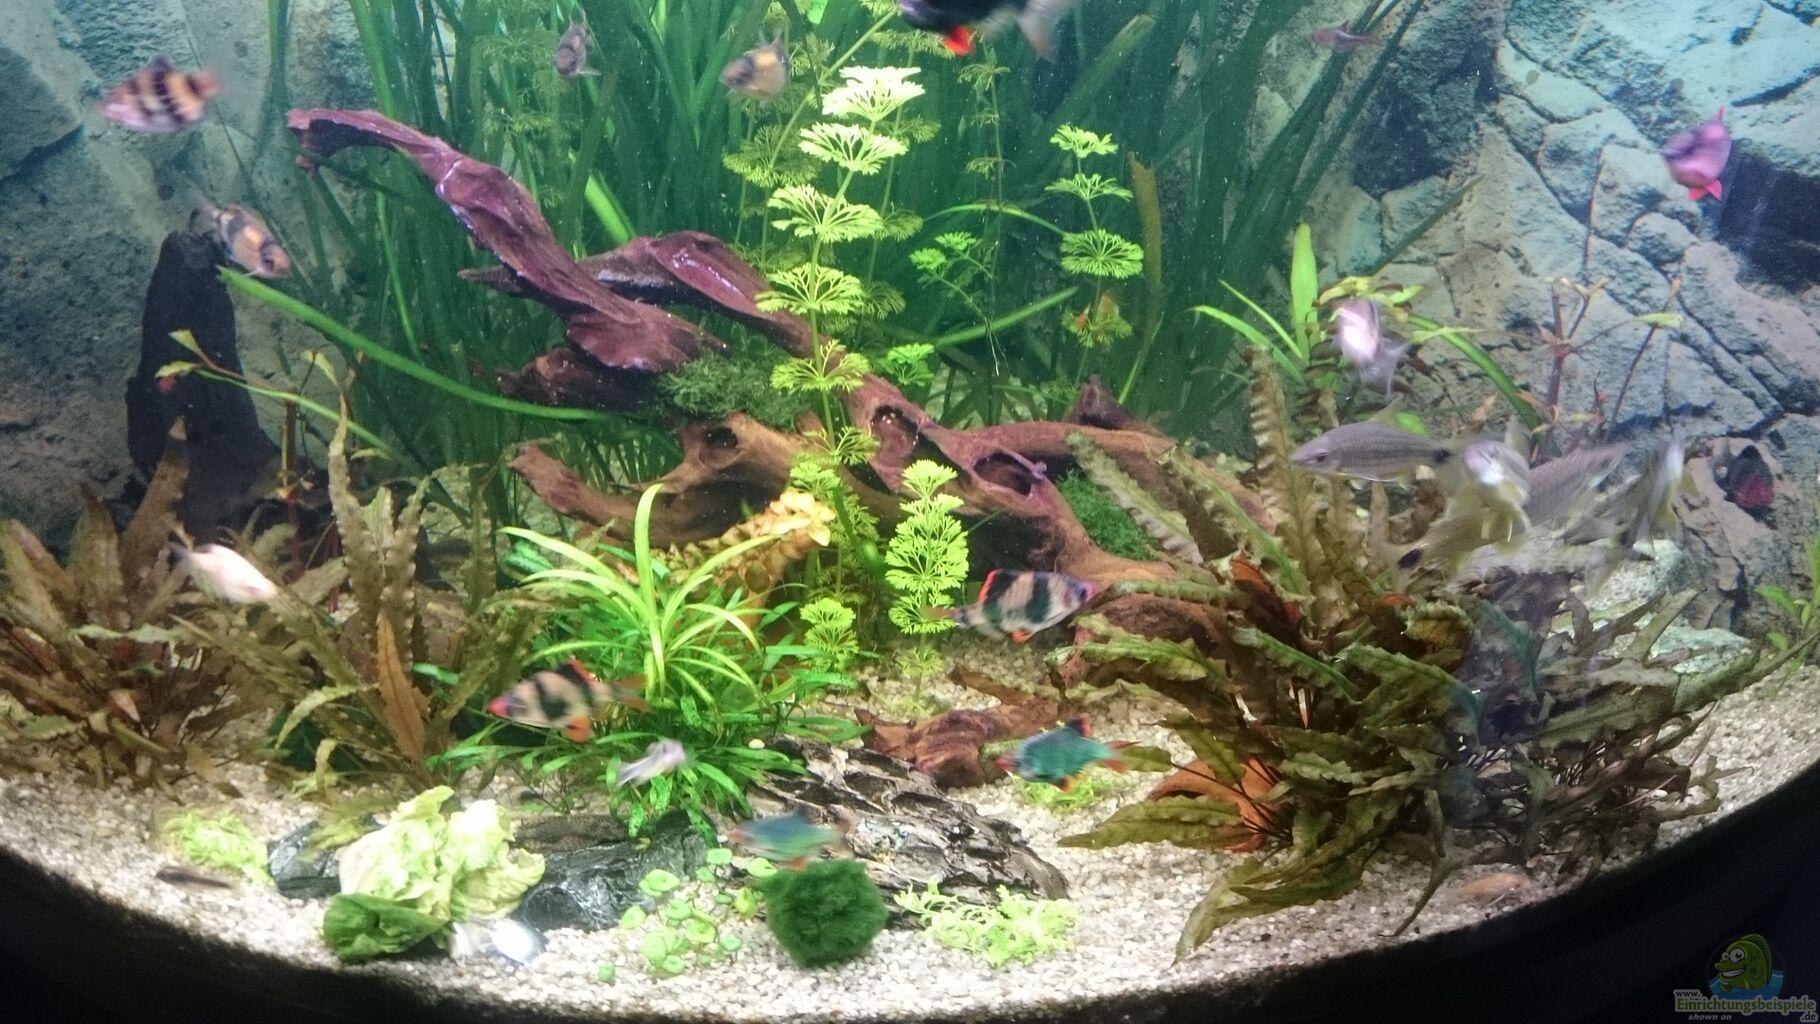 aquarium juwel trigon 350 wohnzimmer aus juwel trigon 350 wohnzimmer von chris de bird. Black Bedroom Furniture Sets. Home Design Ideas